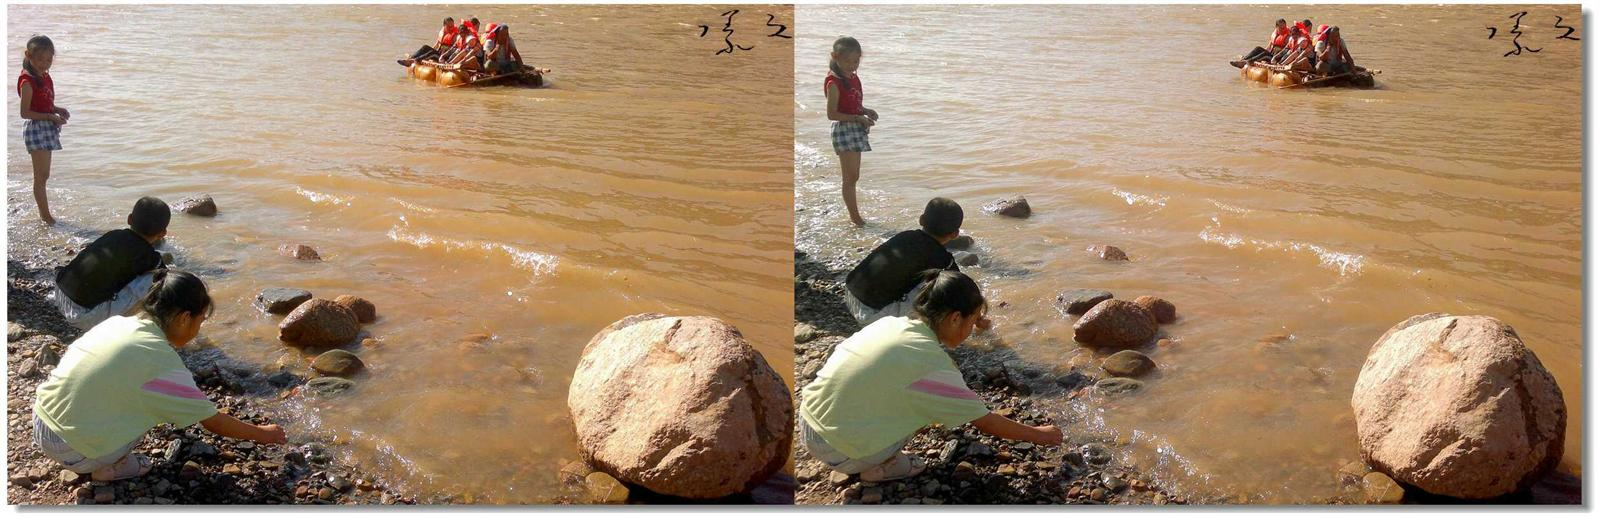 【原创】河边、女孩、羊皮筏... 1